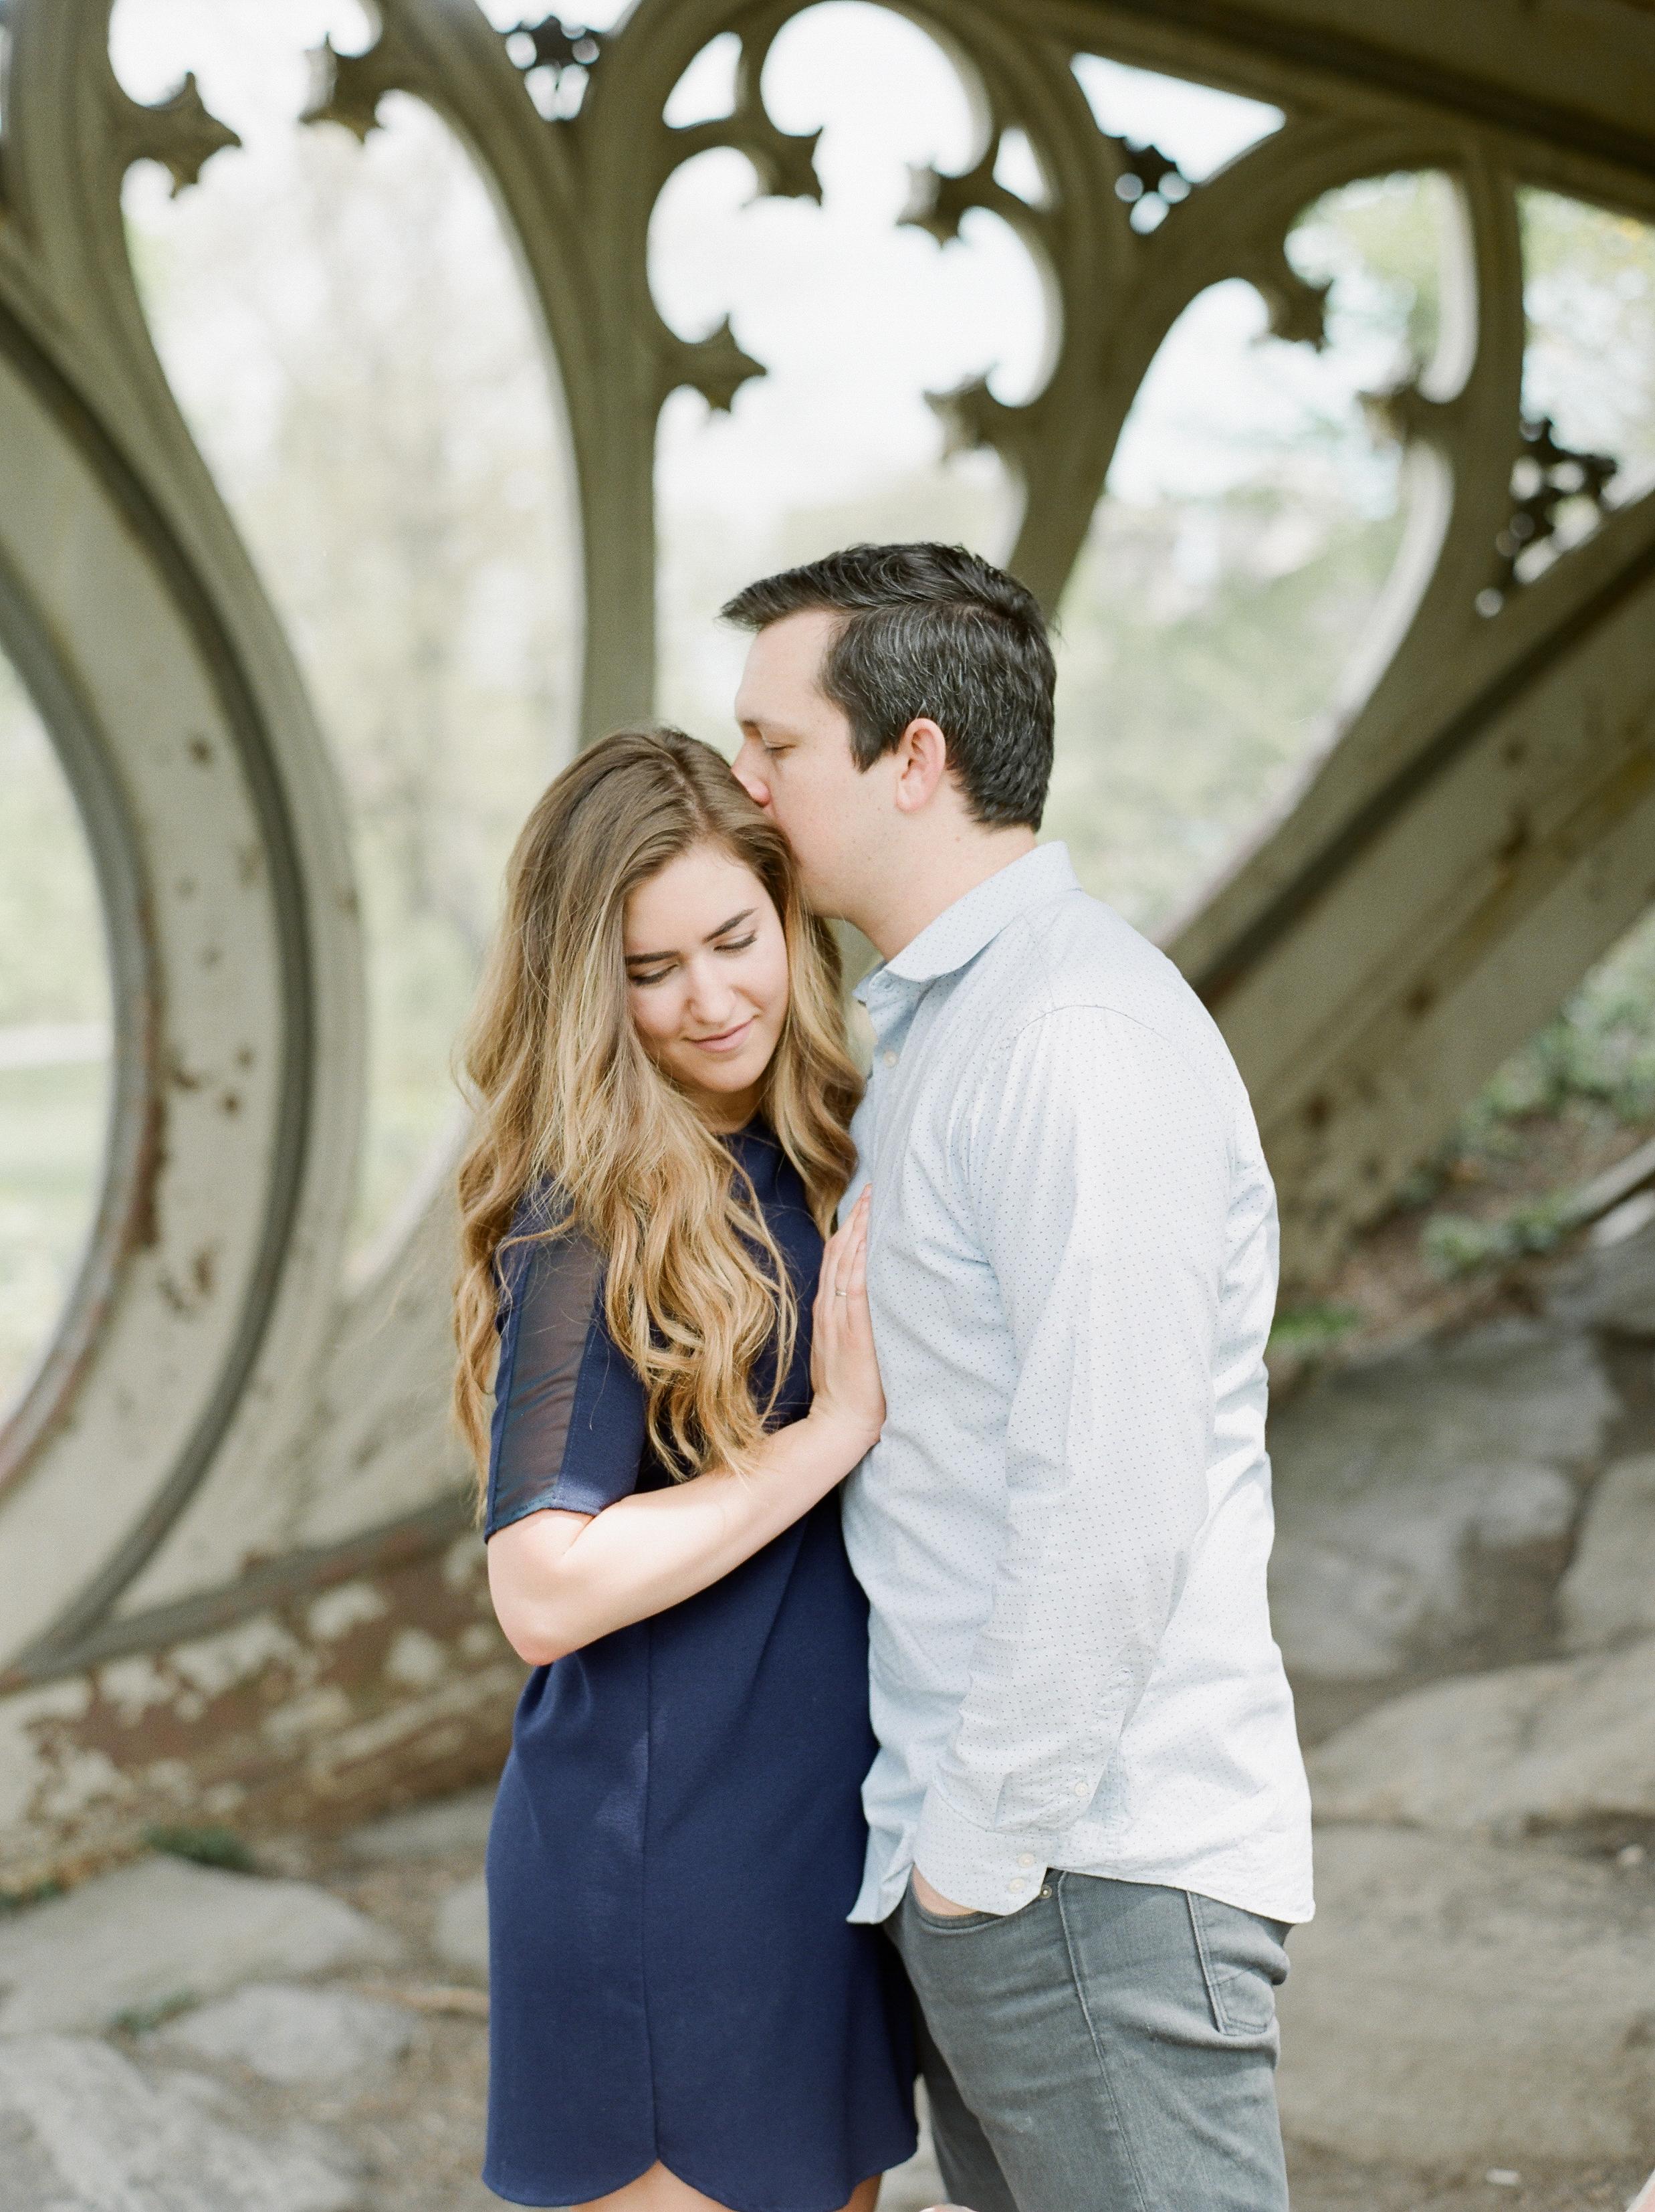 kels&michael_Katie&RickCP-11.jpg